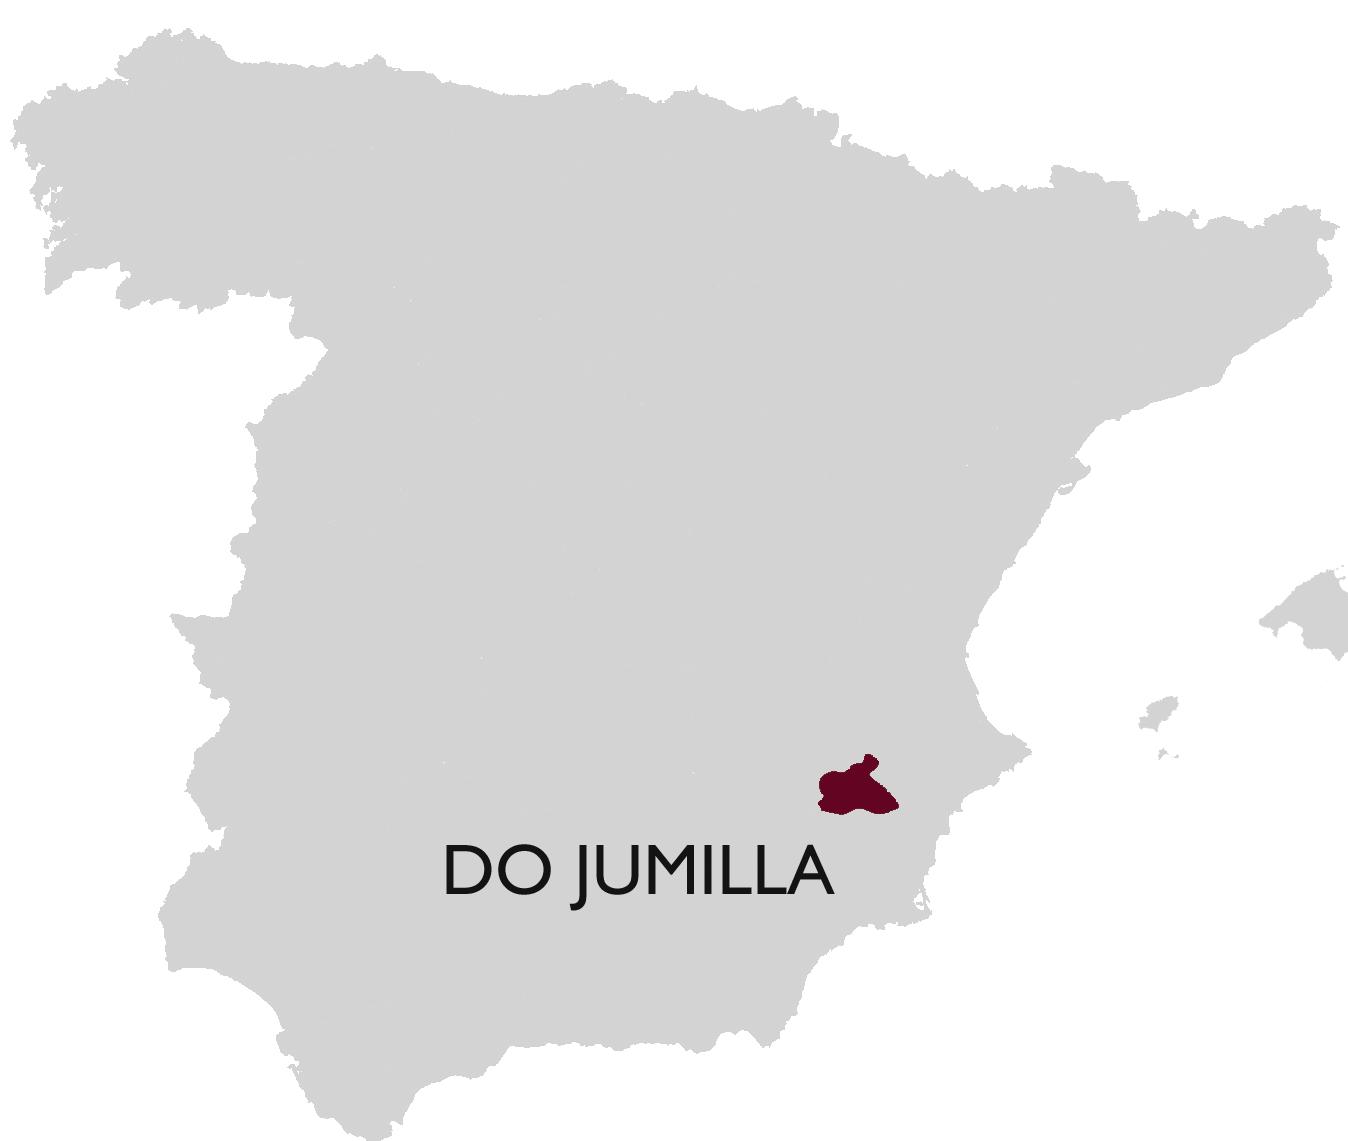 Jumilla, Spain